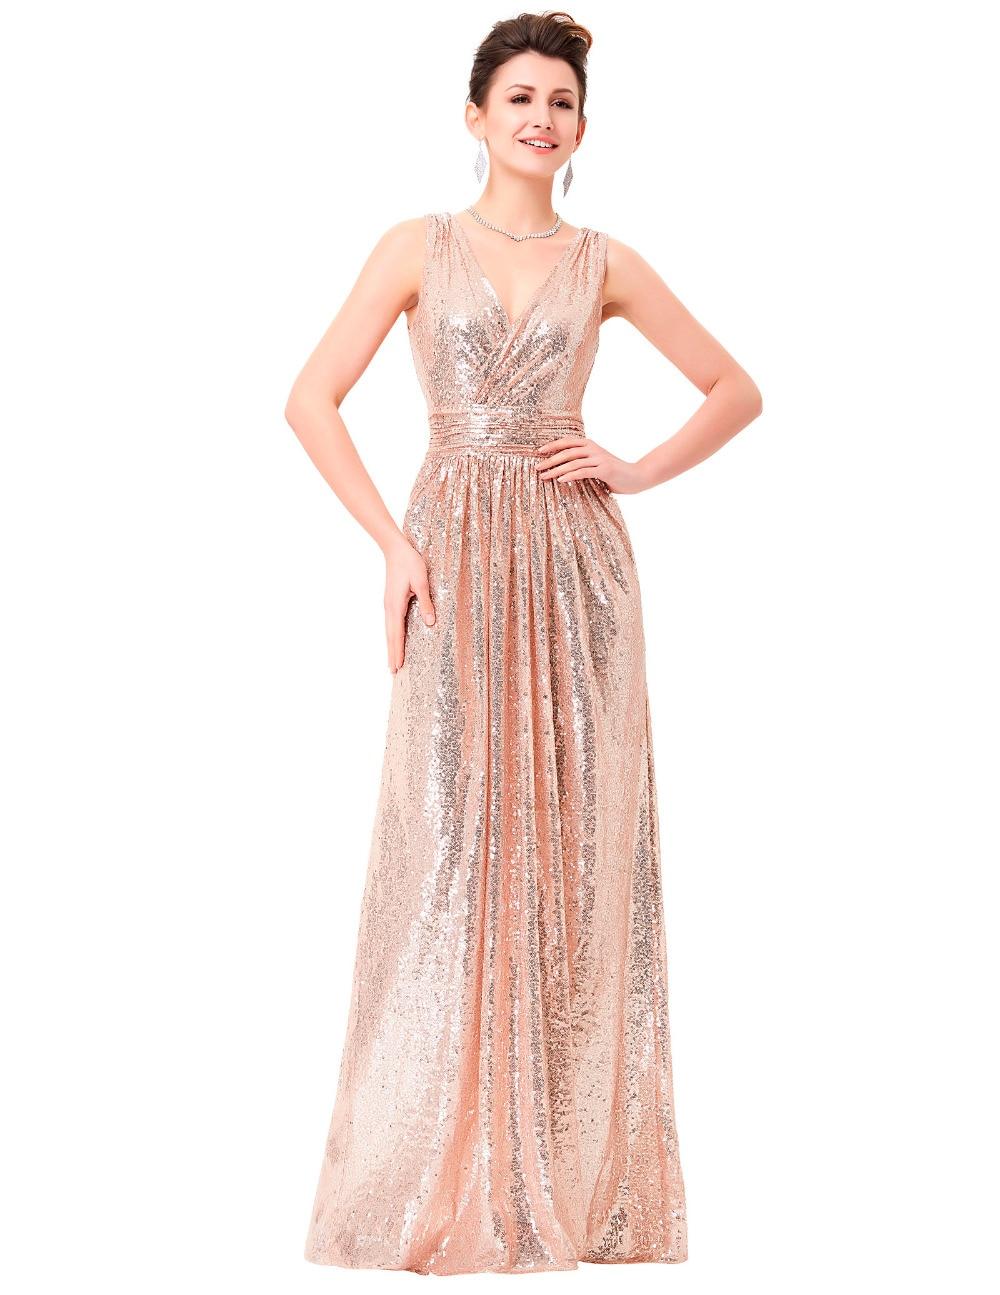 Ungewöhnlich Prom Kleider Adelaide Zeitgenössisch - Brautkleider ...